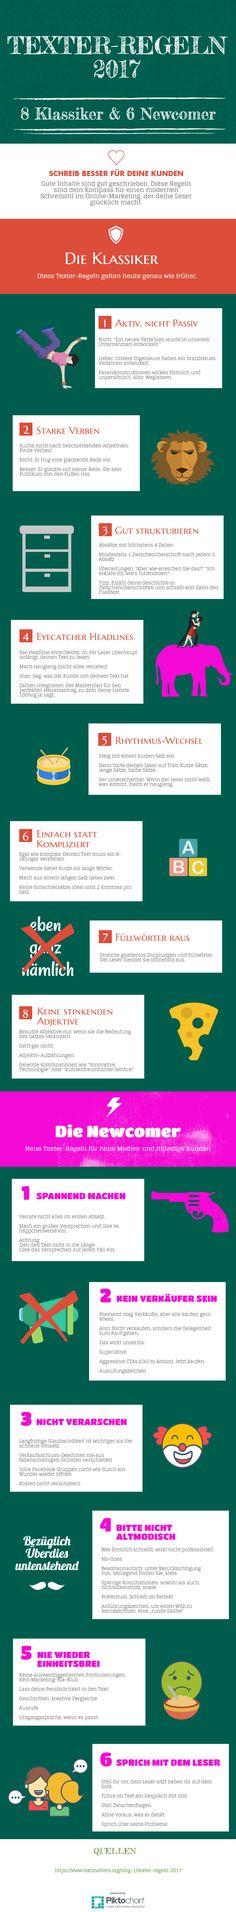 Aktuelle Texter-Regeln, mit denen du besseren Content für dein Online-Marketing schreibst.